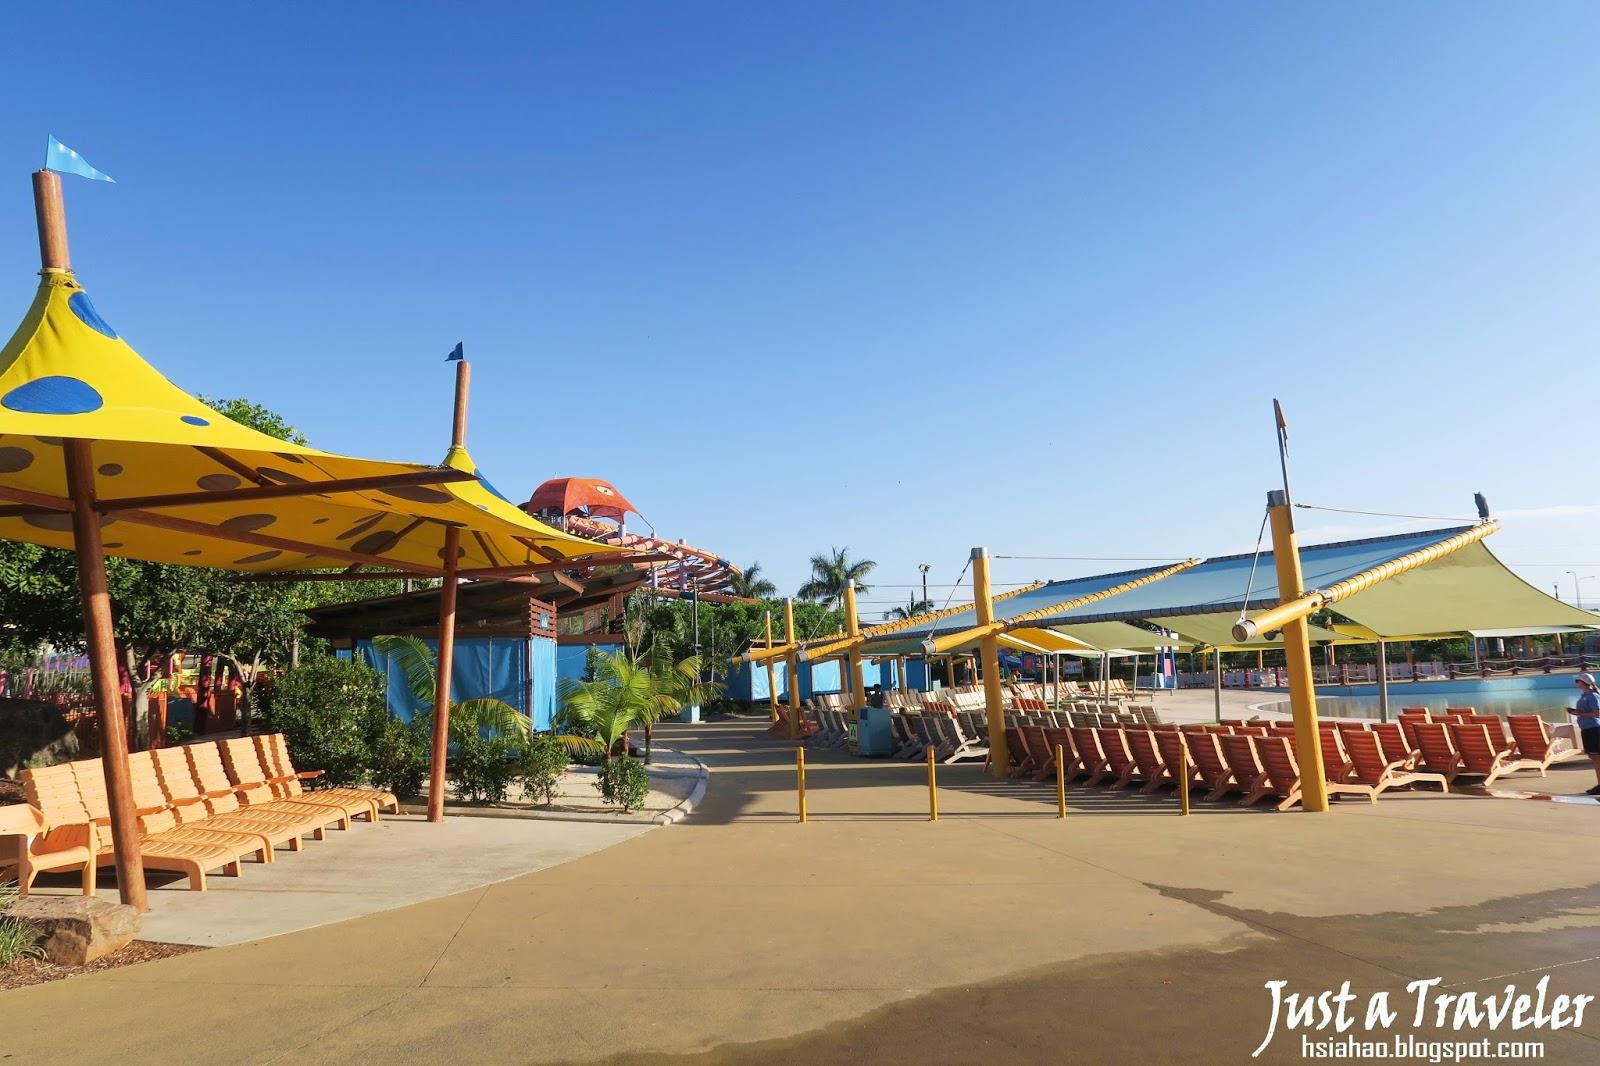 黃金海岸-景點-推薦-激流世界-WhiteWater-World-套票-旅遊-自由行-澳洲-Gold-Coast-theme-park-Australia